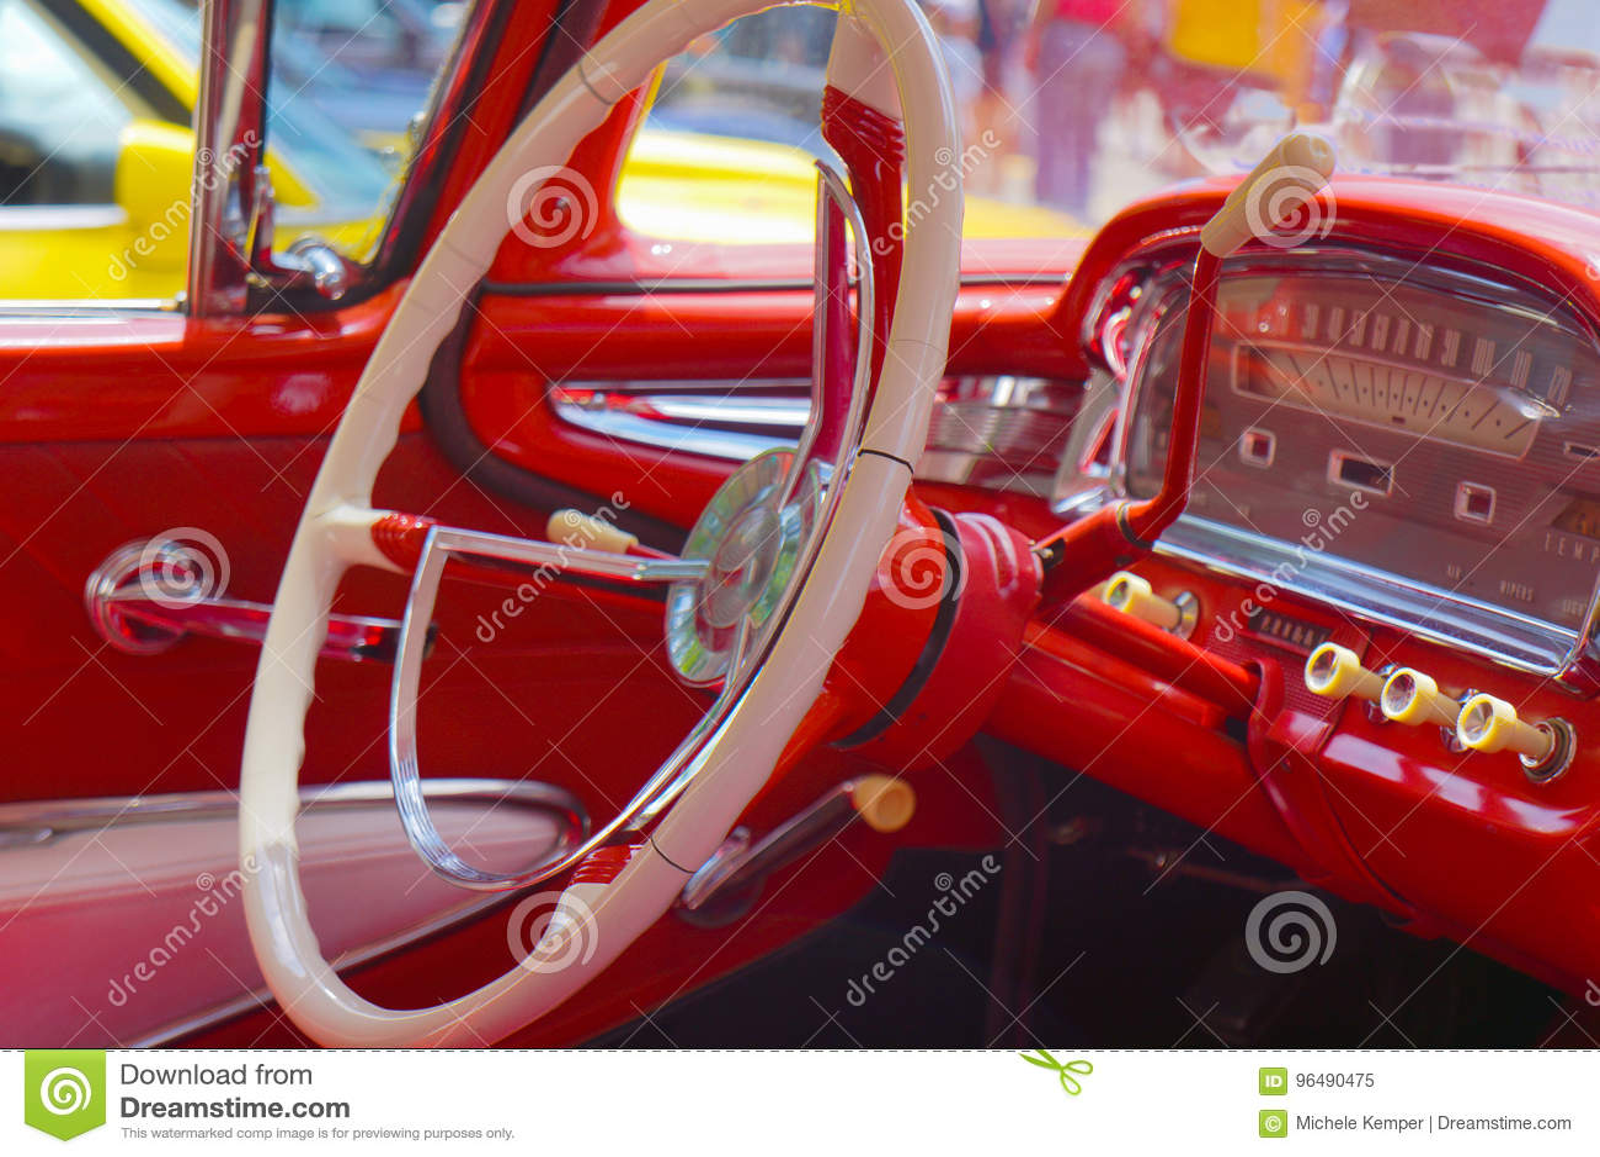 Stuurwiel Klassieke Auto